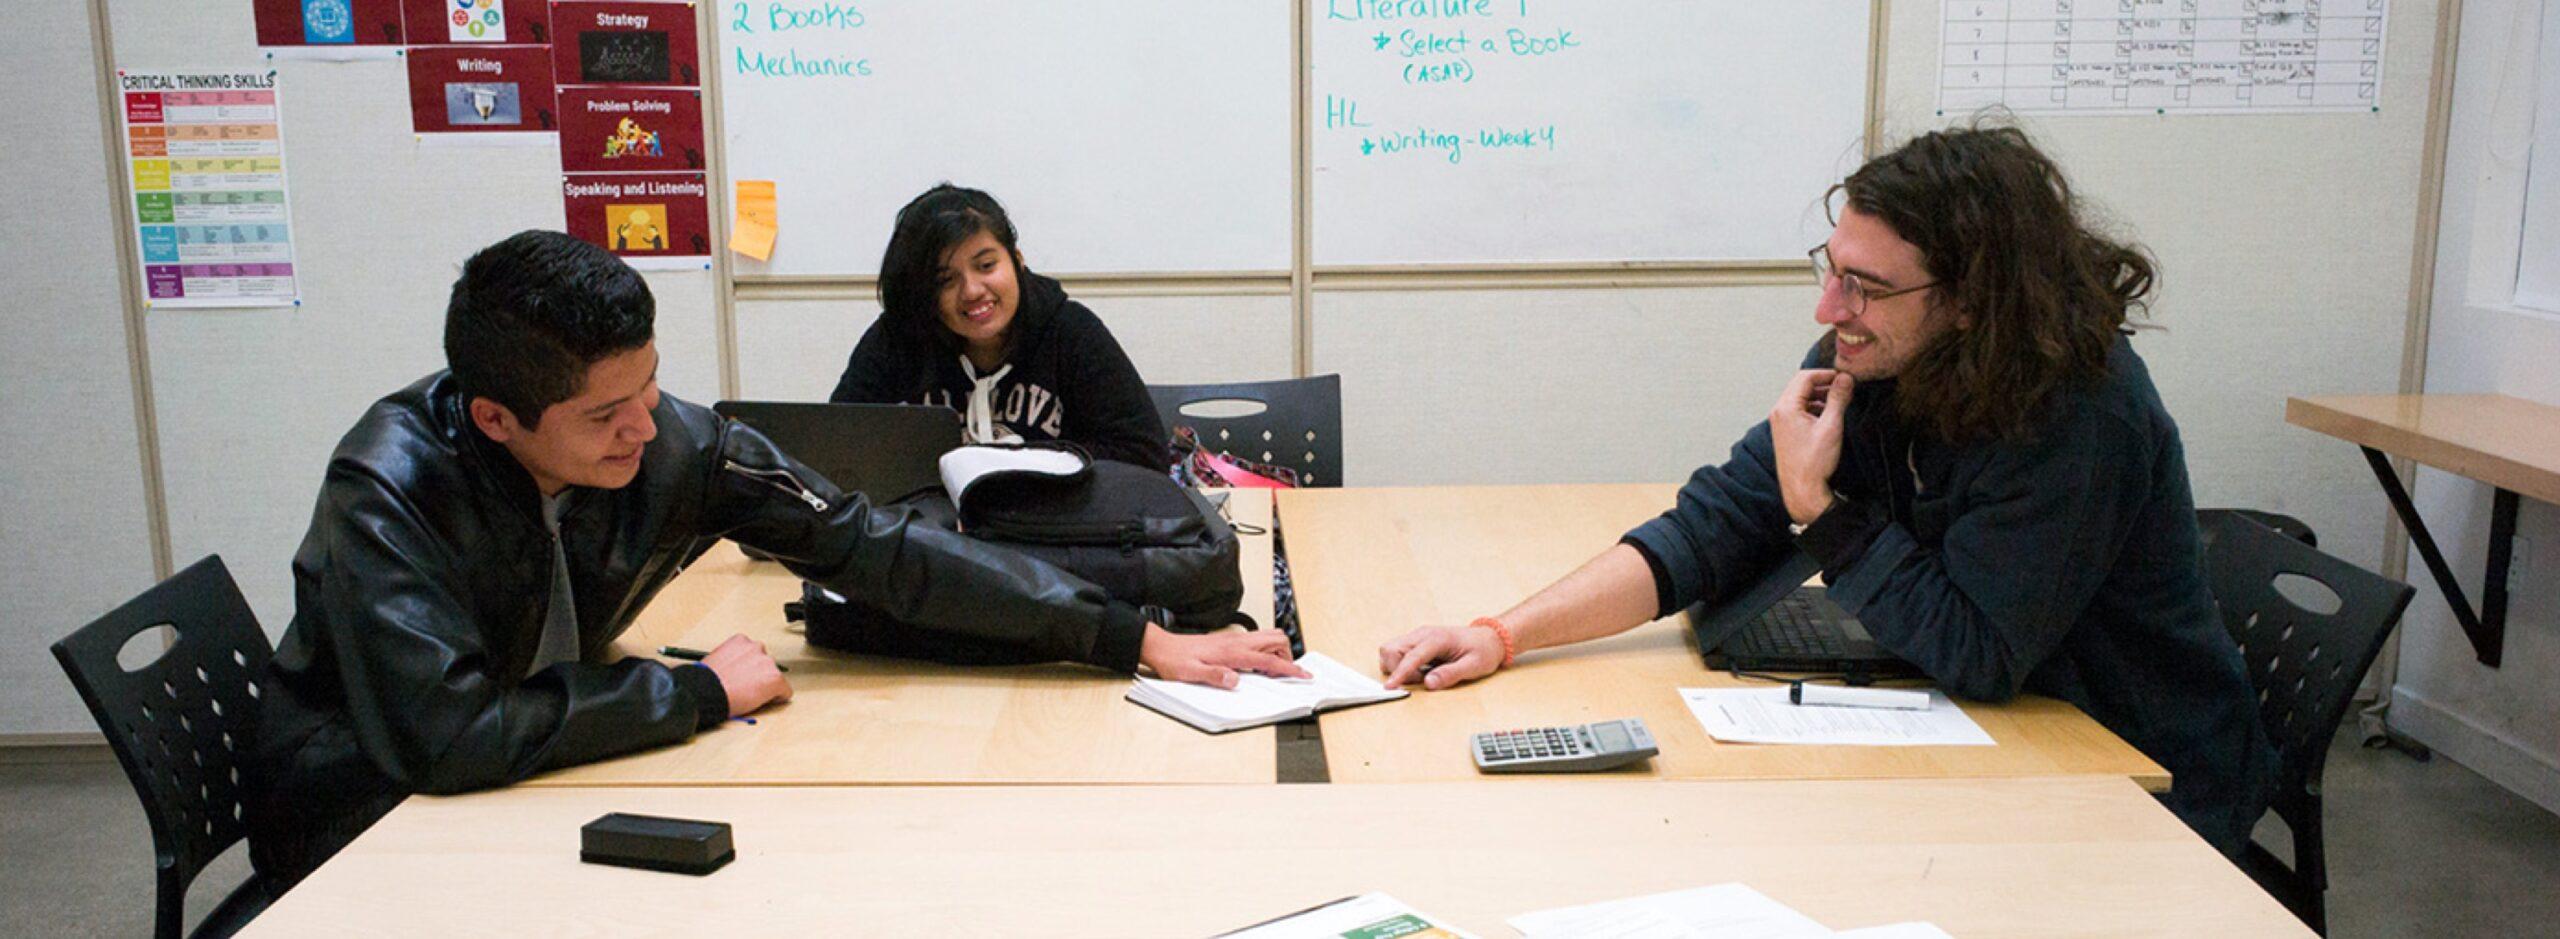 Mentor at APCH